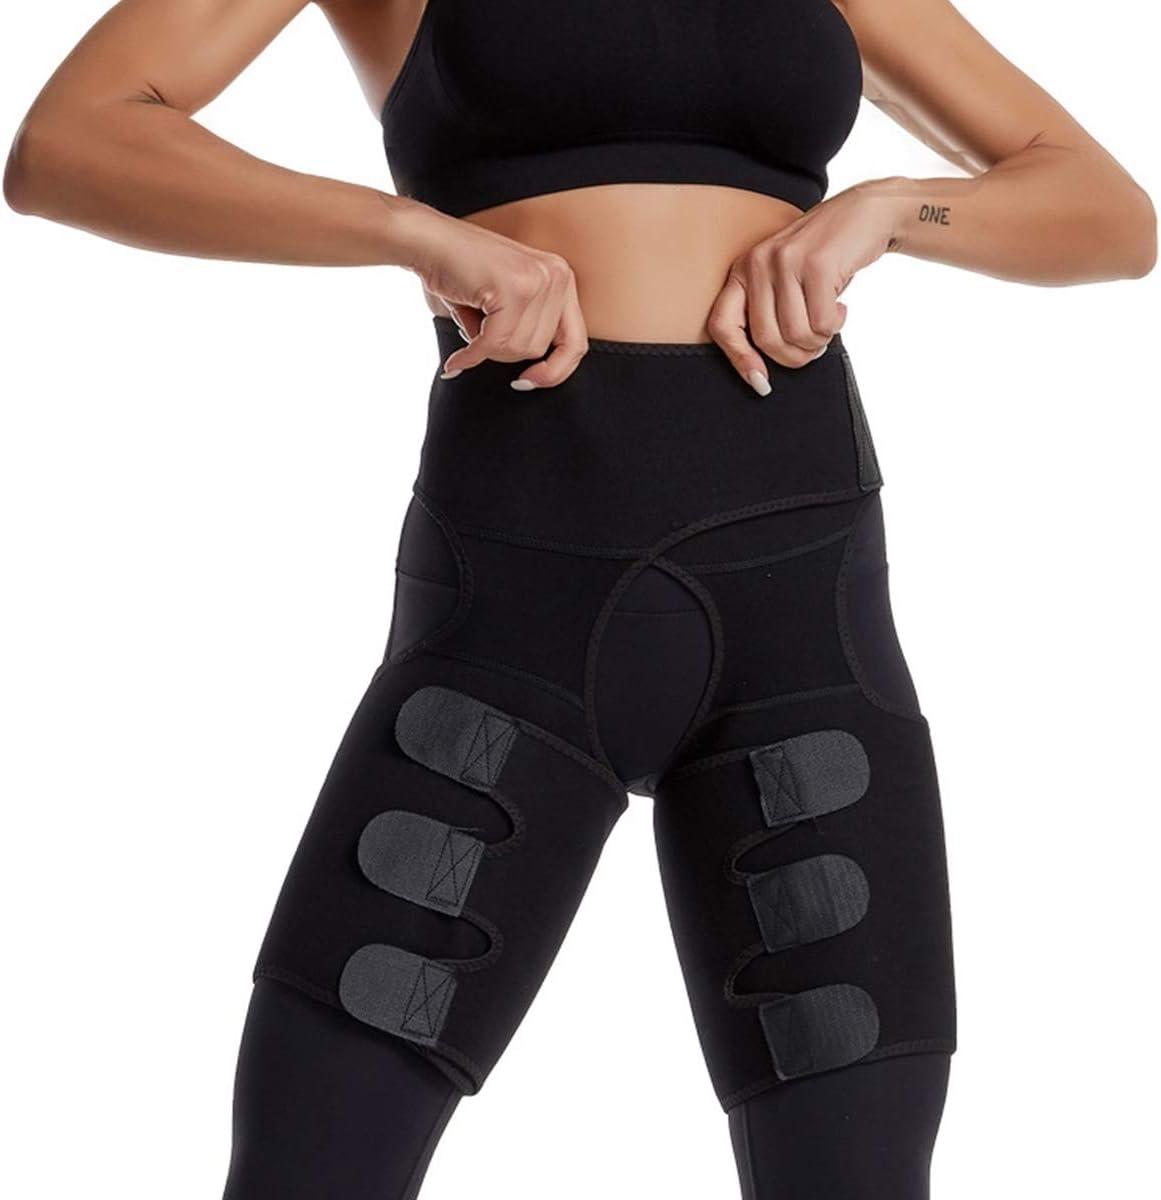 Details about  /Women Thigh Trimmer Body Shaper Butt Lifter Belt Sweat Waist Trainer Shapewear